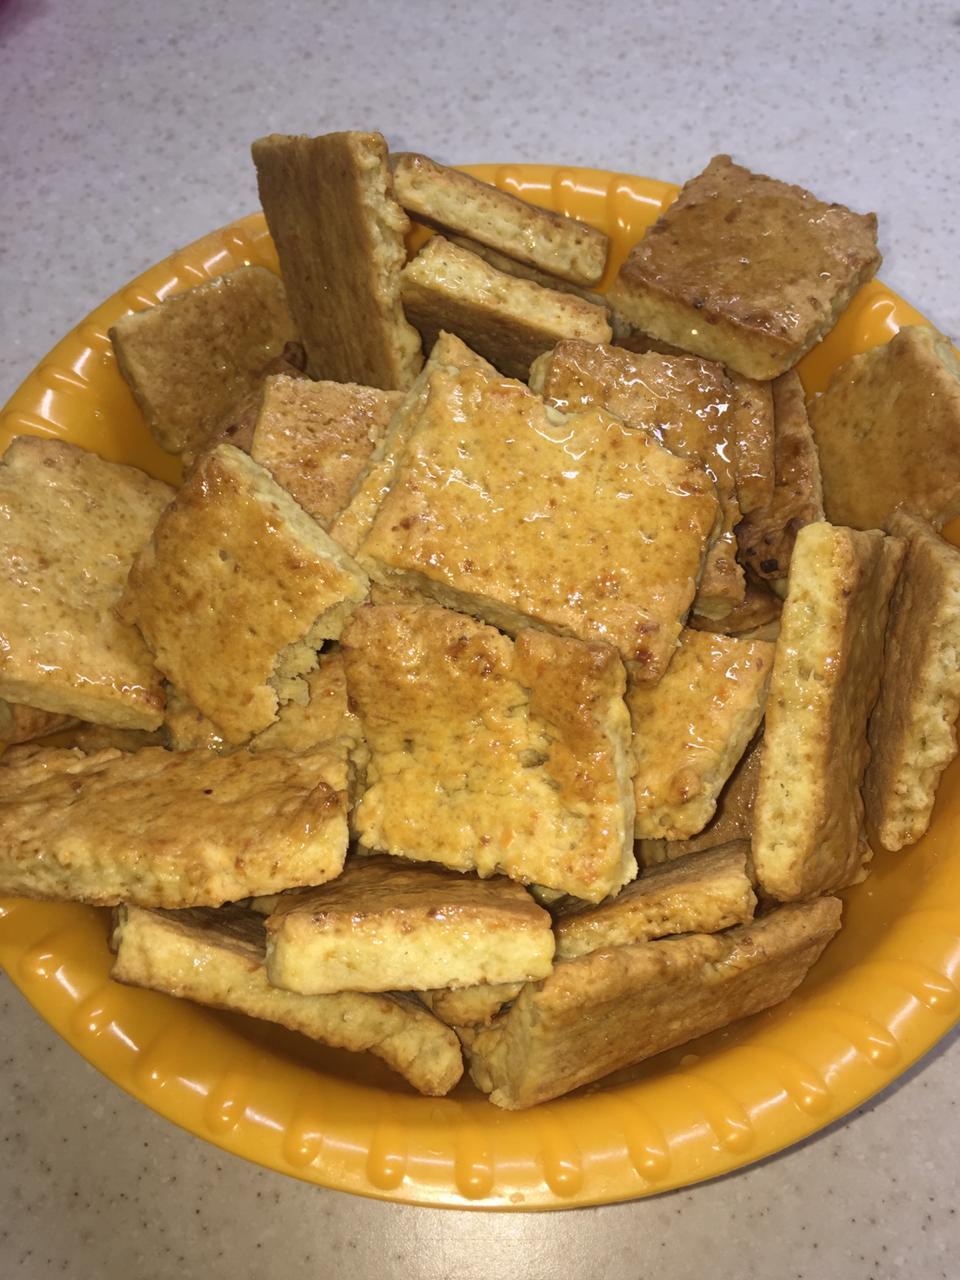 """Домашнее сырное печенье. Мой рецепт. Фото автора/дзен канал """"Я готовлю Так!Мои рецепты"""""""